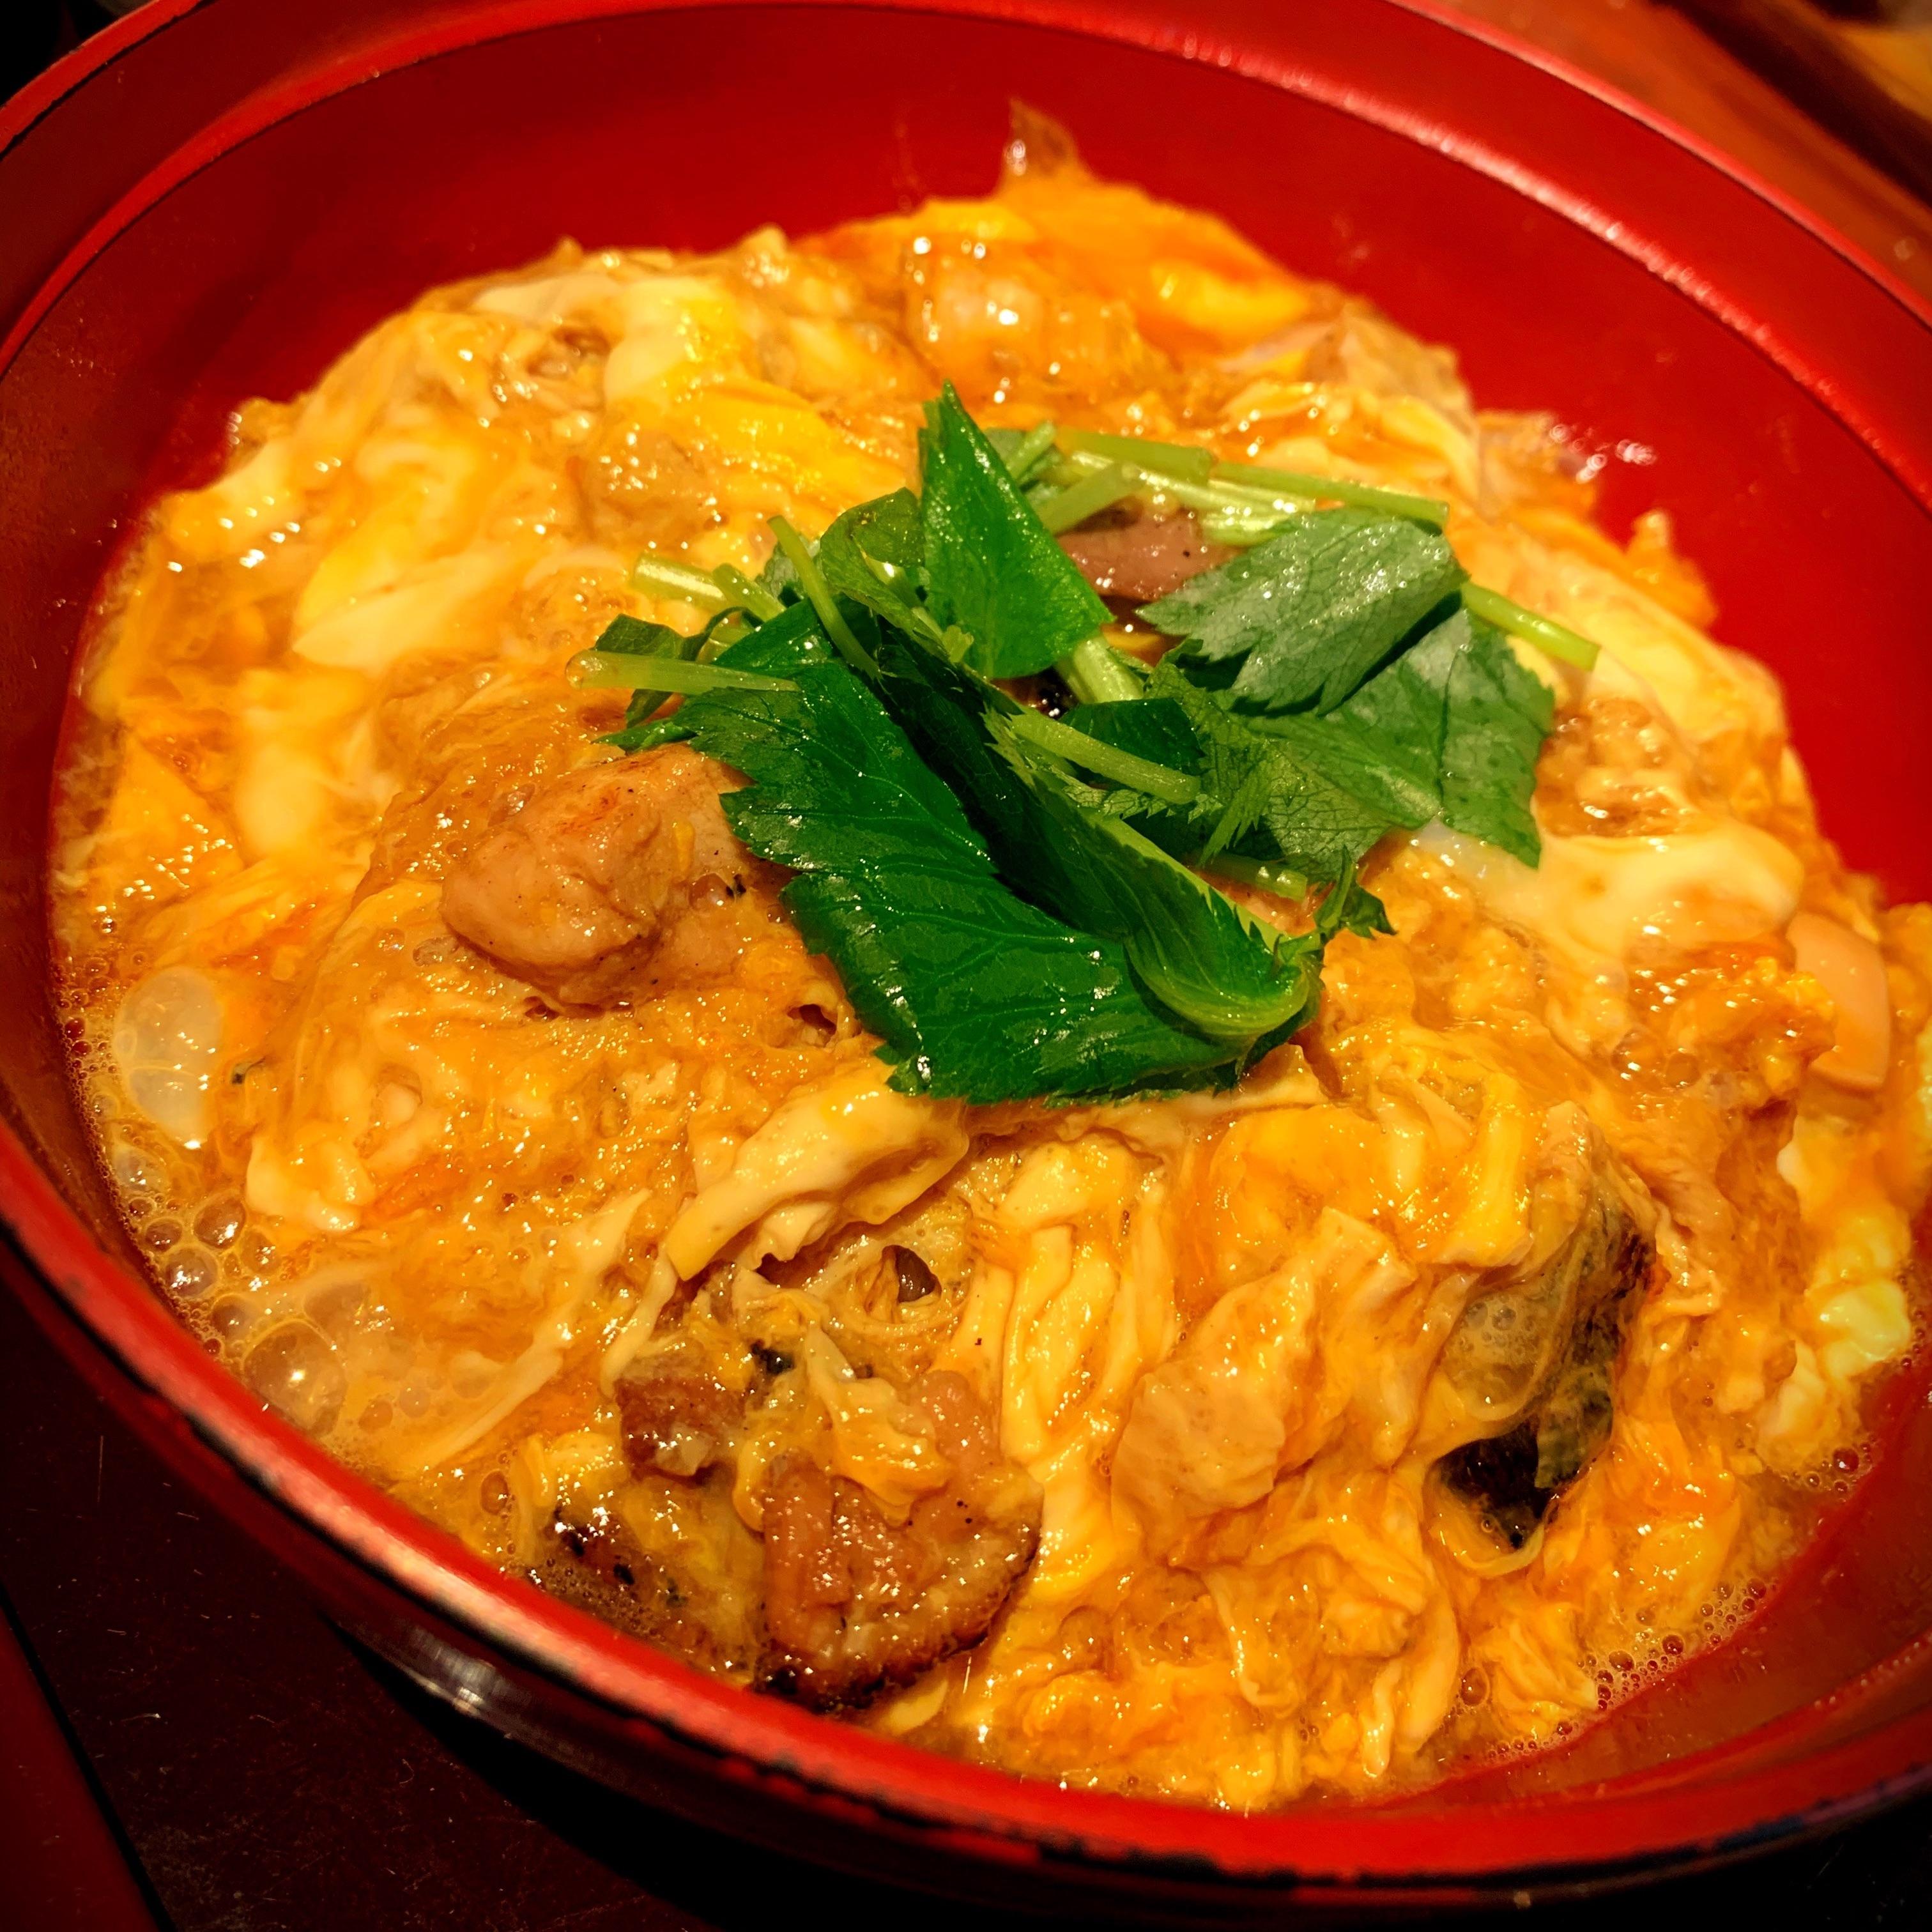 滋賀県彦根市にある比内地鶏ほっこりやの親子丼